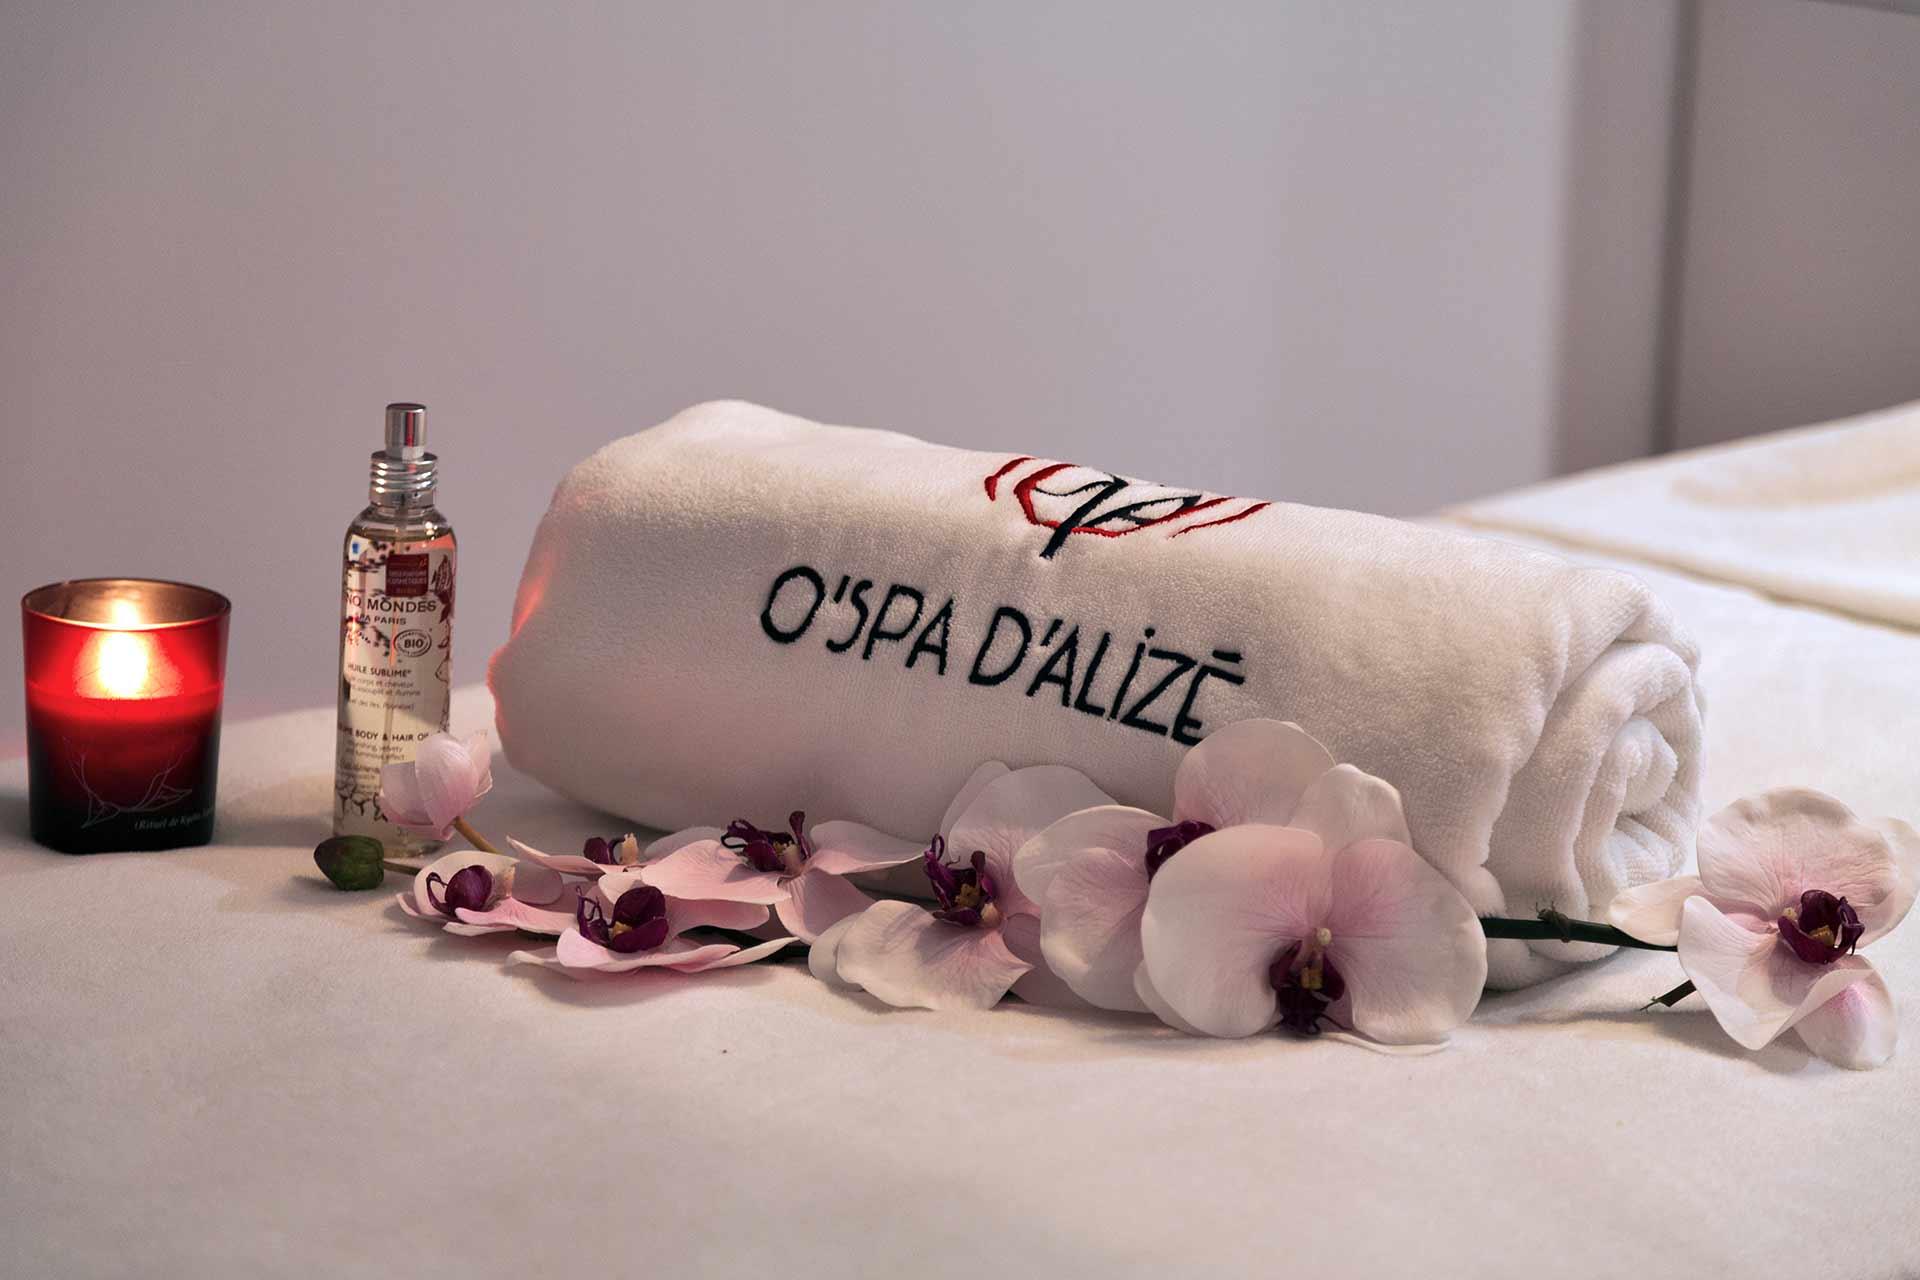 ospa-dalize